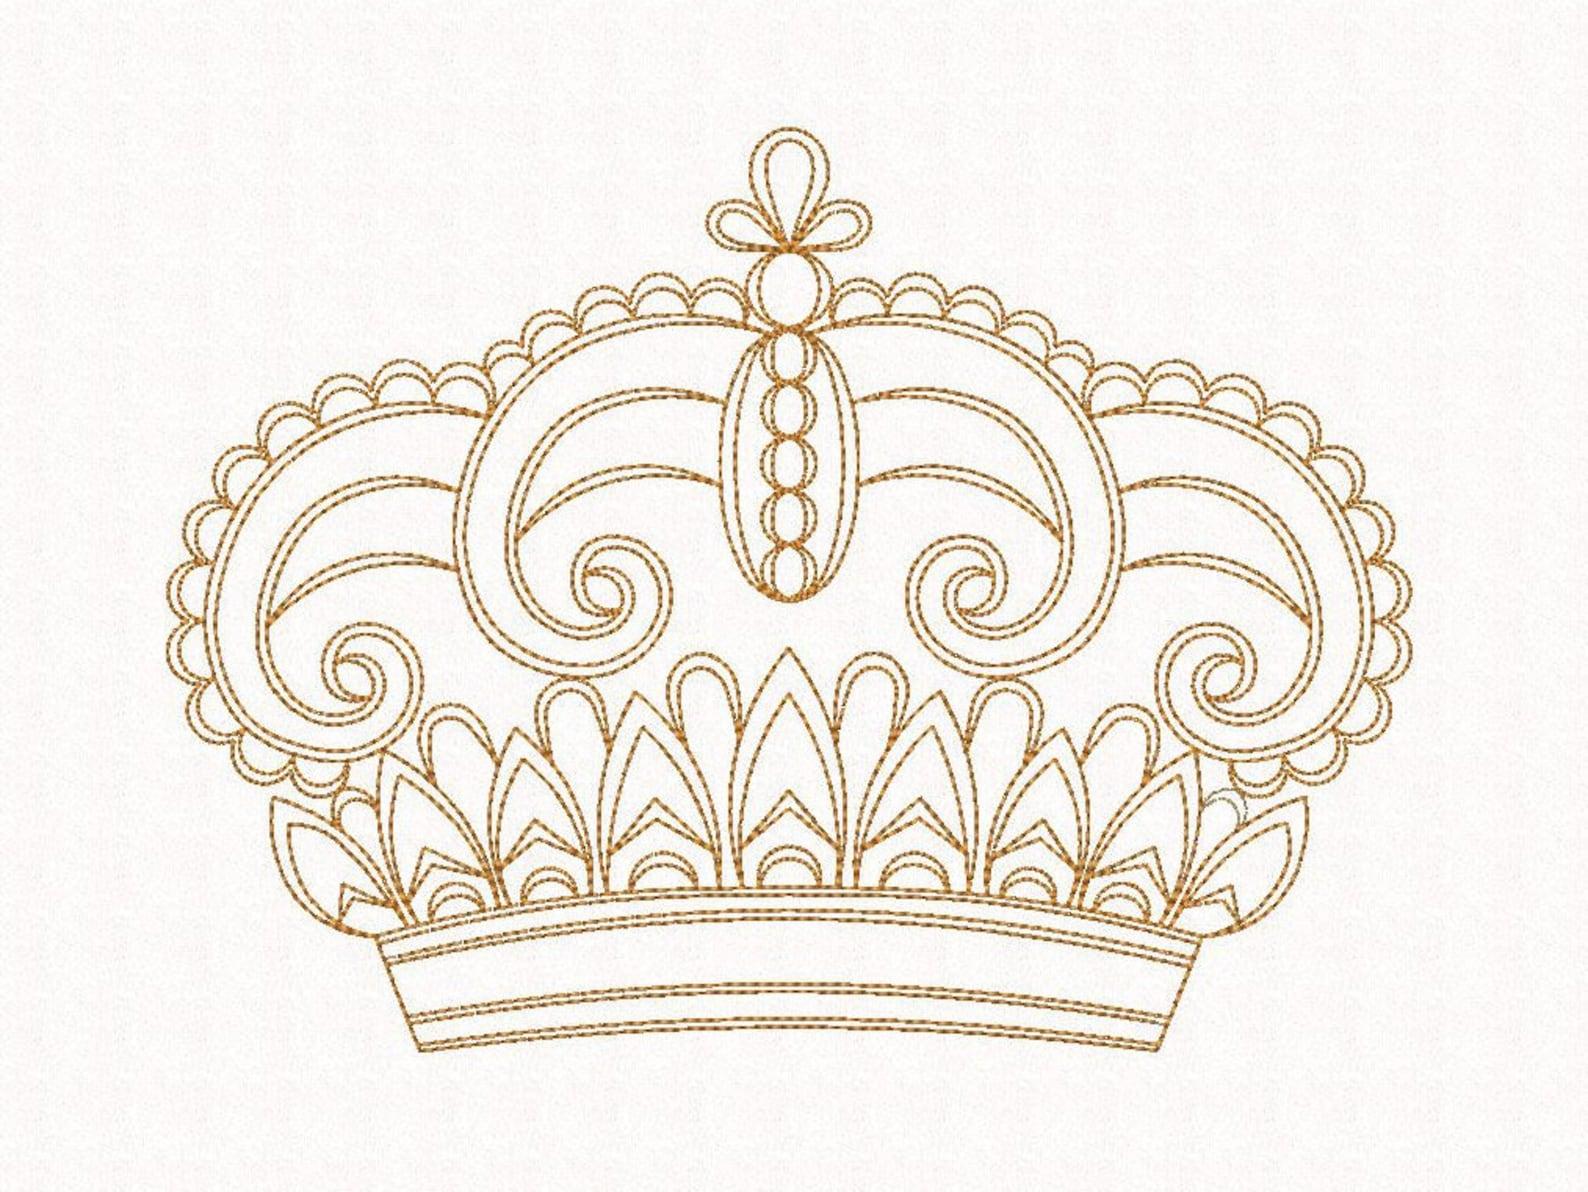 стал картинки вышивок короны них